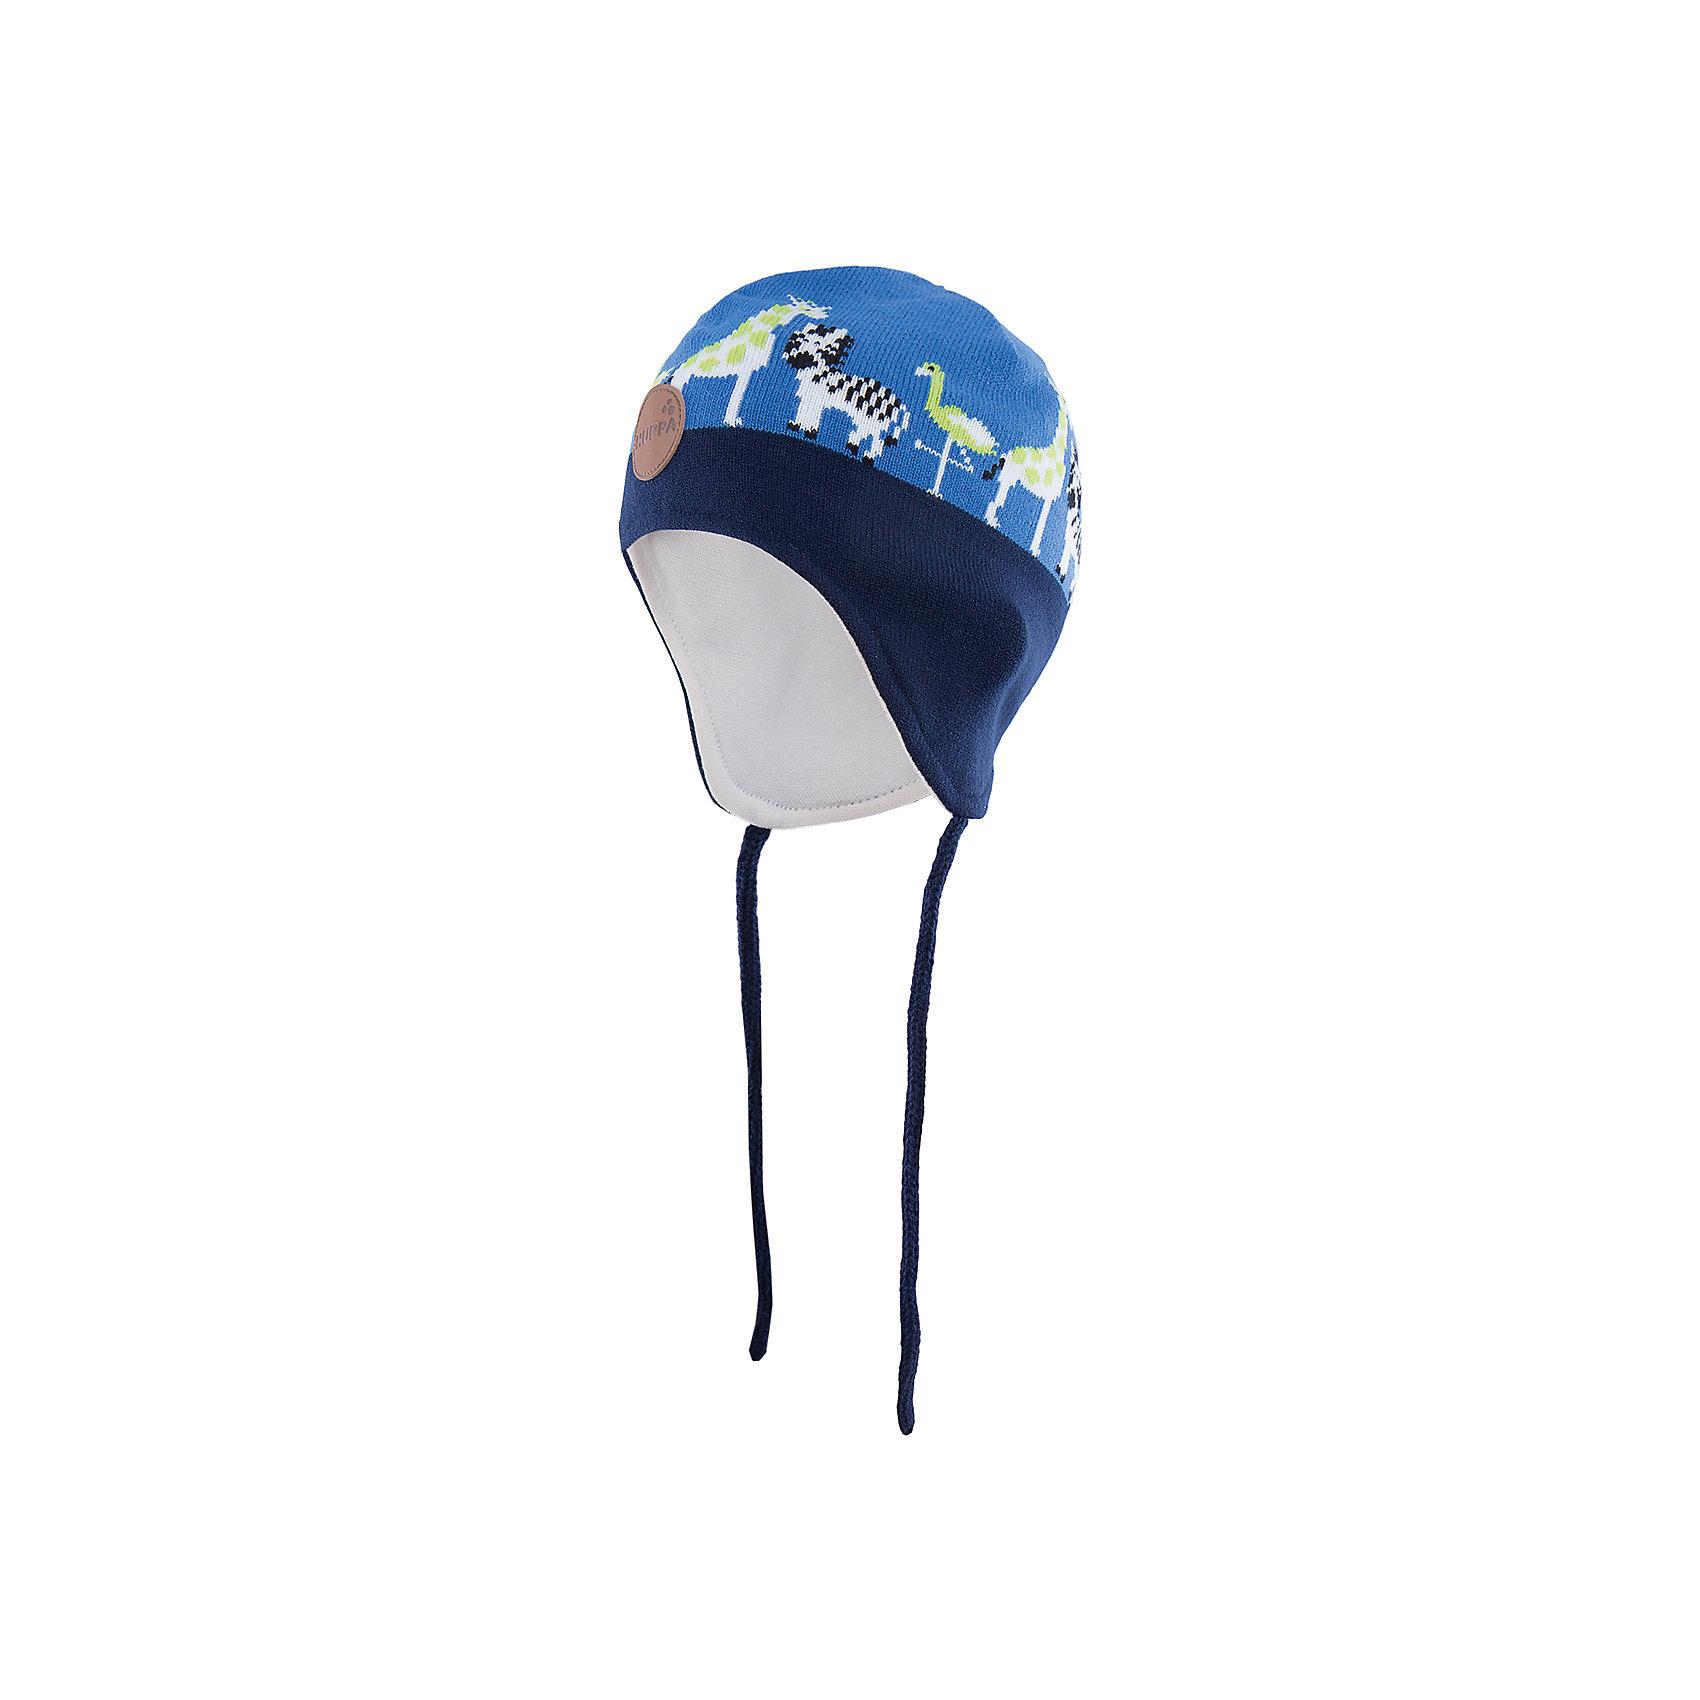 Шапка  HuppaСтильная шапка Karro со зверюшками от Huppa(хуппа) изготовлена из акрила и прекрасно сохраняет тепло. Кроме того, она отлично закрывает уши и не даст ребенку замерзнуть, даже в мороз!<br><br>Дополнительная информация:<br>Цвет: синий/темно-синий<br>Состав: 100% акрил<br>Подкладка: трикотаж - 100% хлопок<br><br>Шапку от Huppa(хуппа) вы можете приобрести в нашем интернет-магазине.<br><br>Ширина мм: 89<br>Глубина мм: 117<br>Высота мм: 44<br>Вес г: 155<br>Цвет: синий<br>Возраст от месяцев: 9<br>Возраст до месяцев: 12<br>Пол: Мужской<br>Возраст: Детский<br>Размер: 43-45,51-53,47-49<br>SKU: 4923517